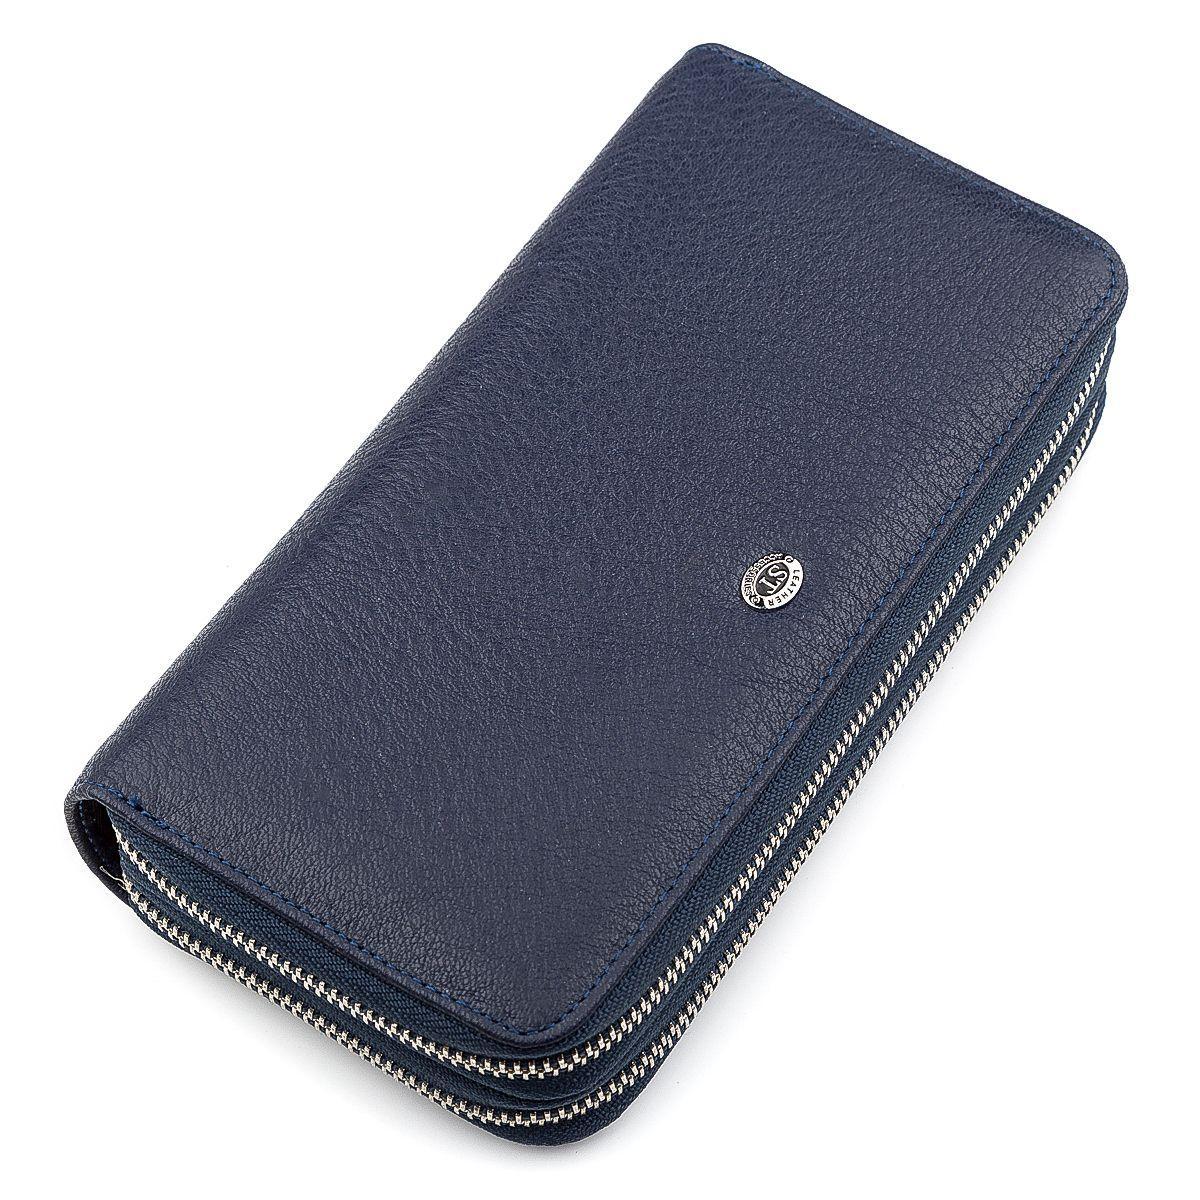 Мужской Кошелек St Leather 18452 (St127) Надежный Синий, Синий